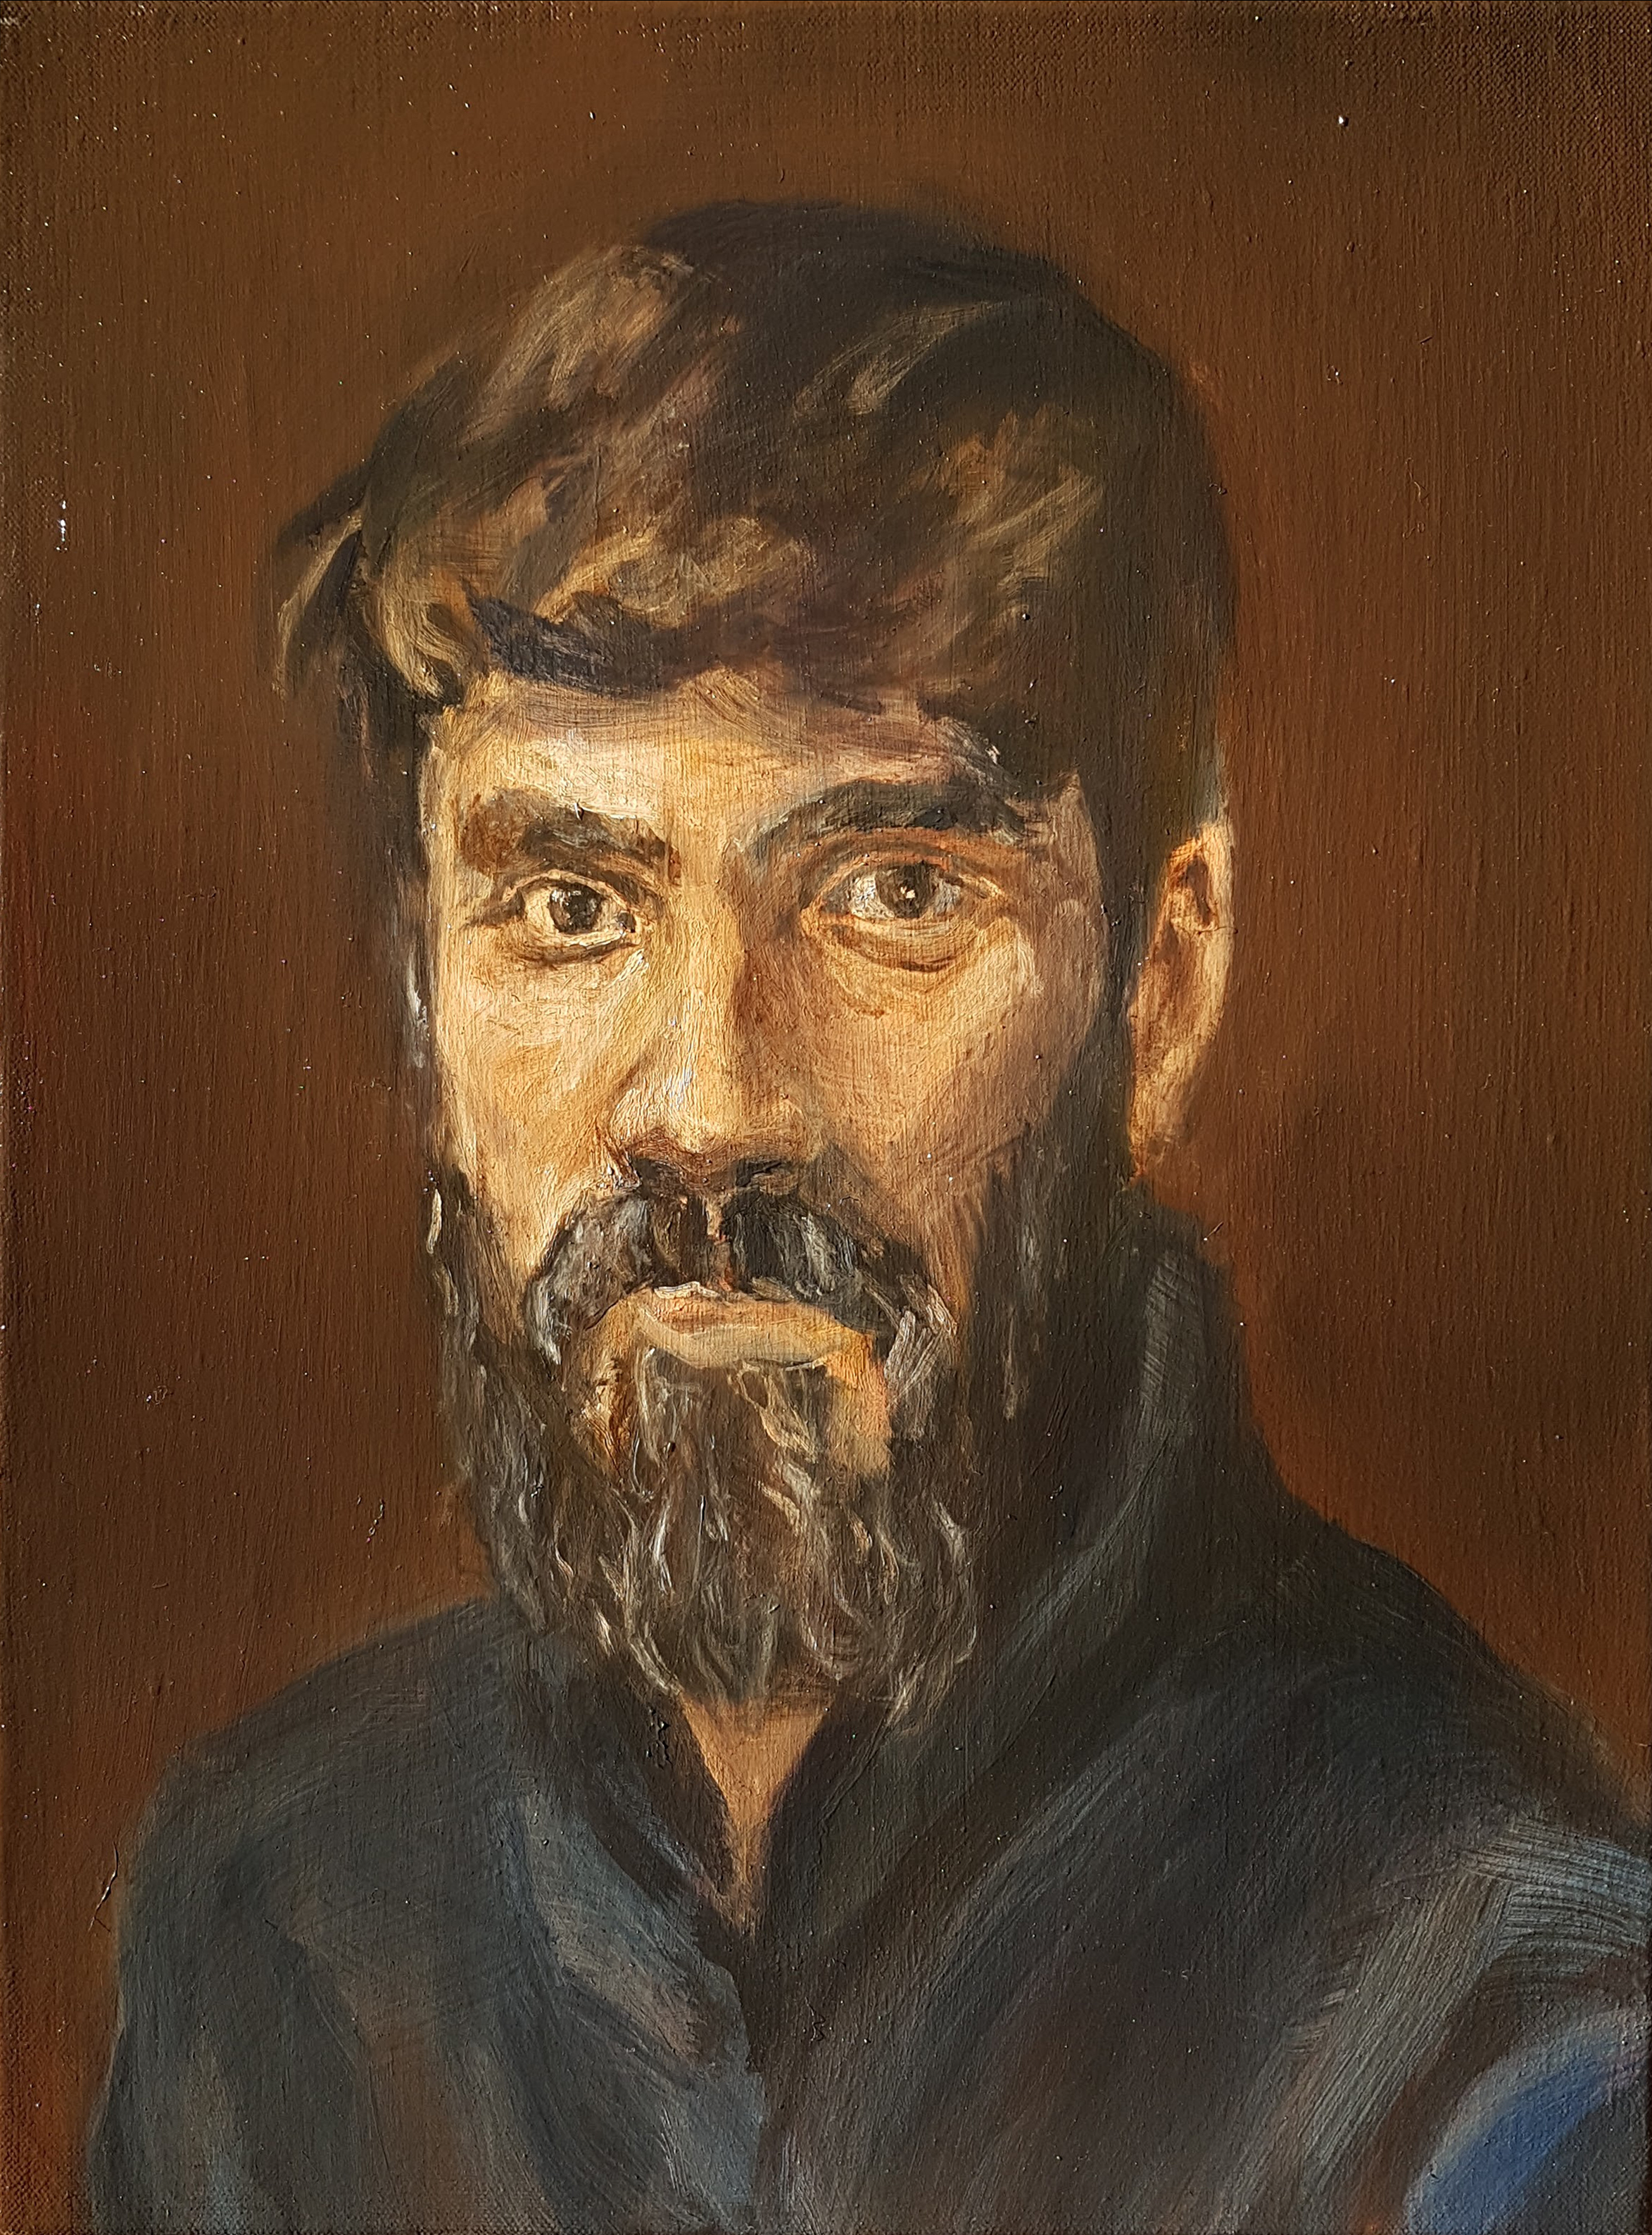 Self Portrait, 40 x 30 cm, oil on canvas, 2017